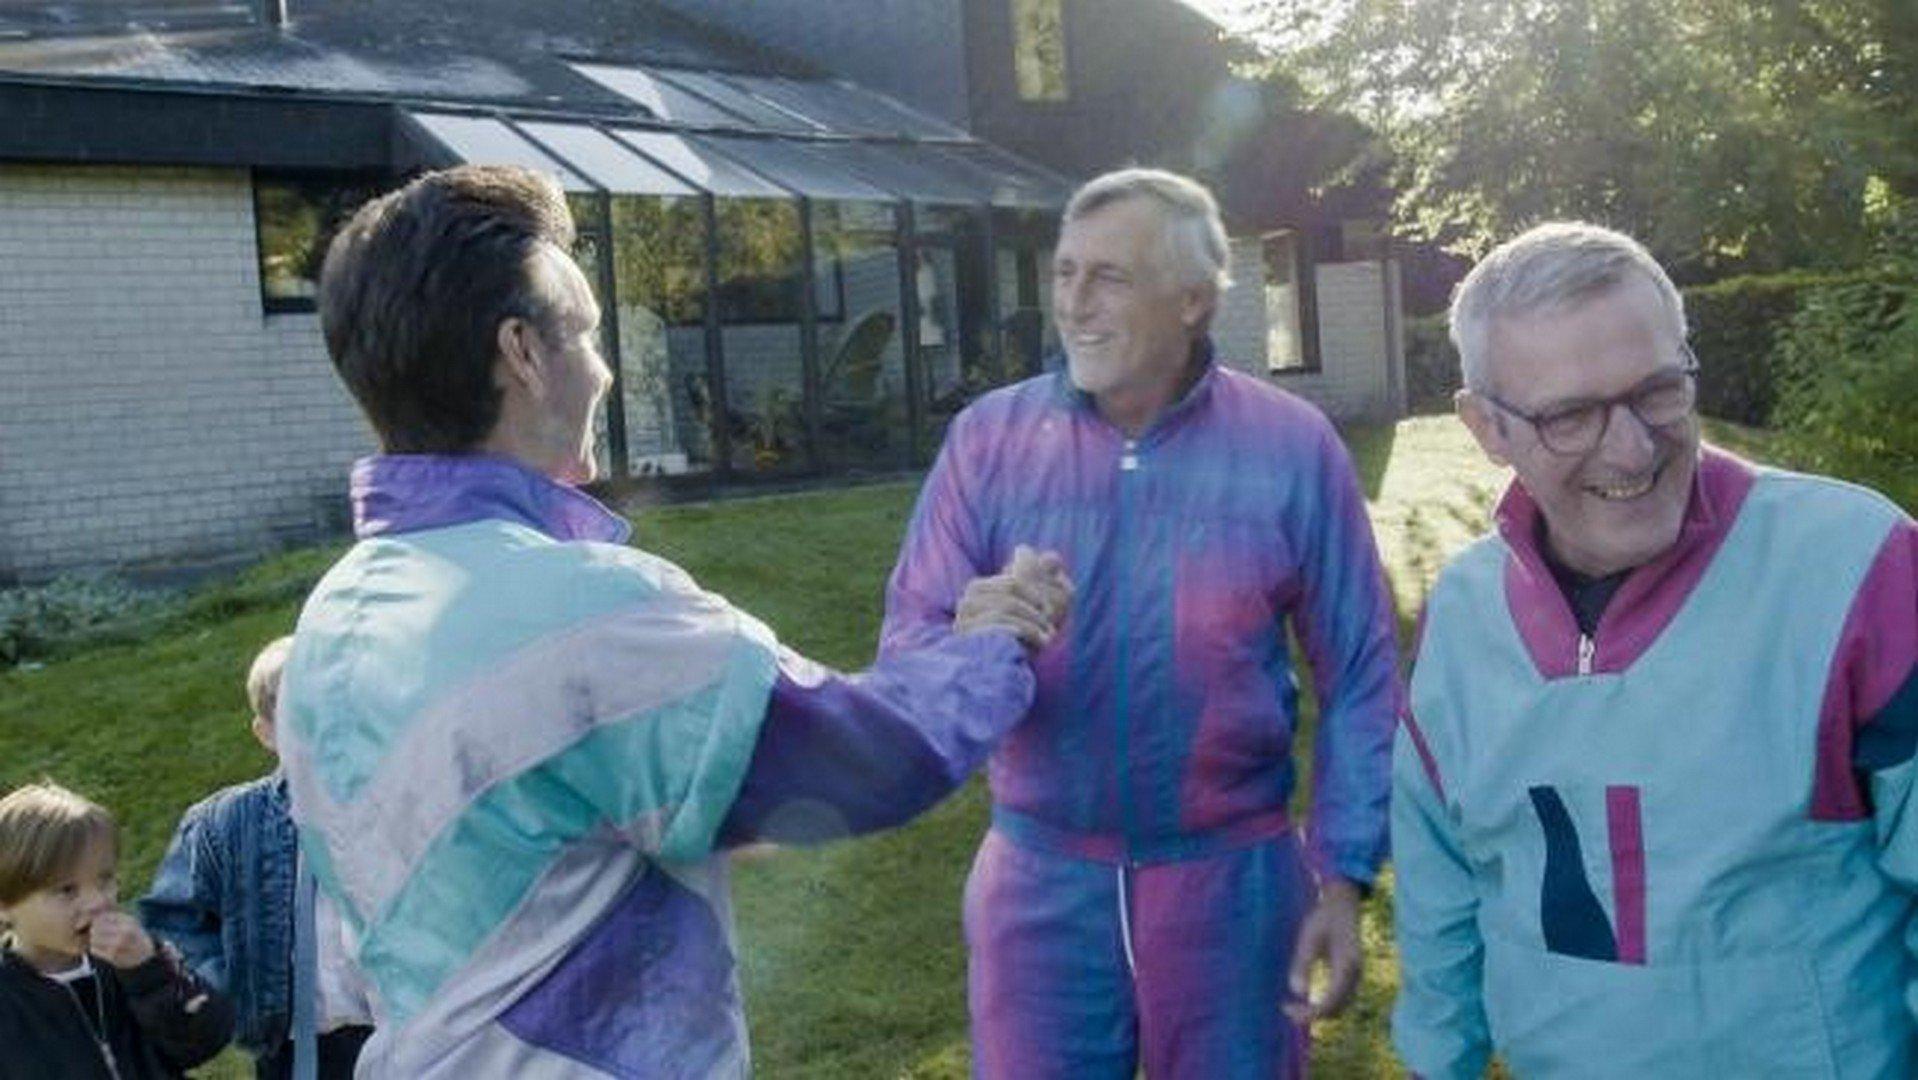 DAVY GILLES VOOR HET EERST MET AL ZIJN KINDEREN OP TV - Davy Gilles 5